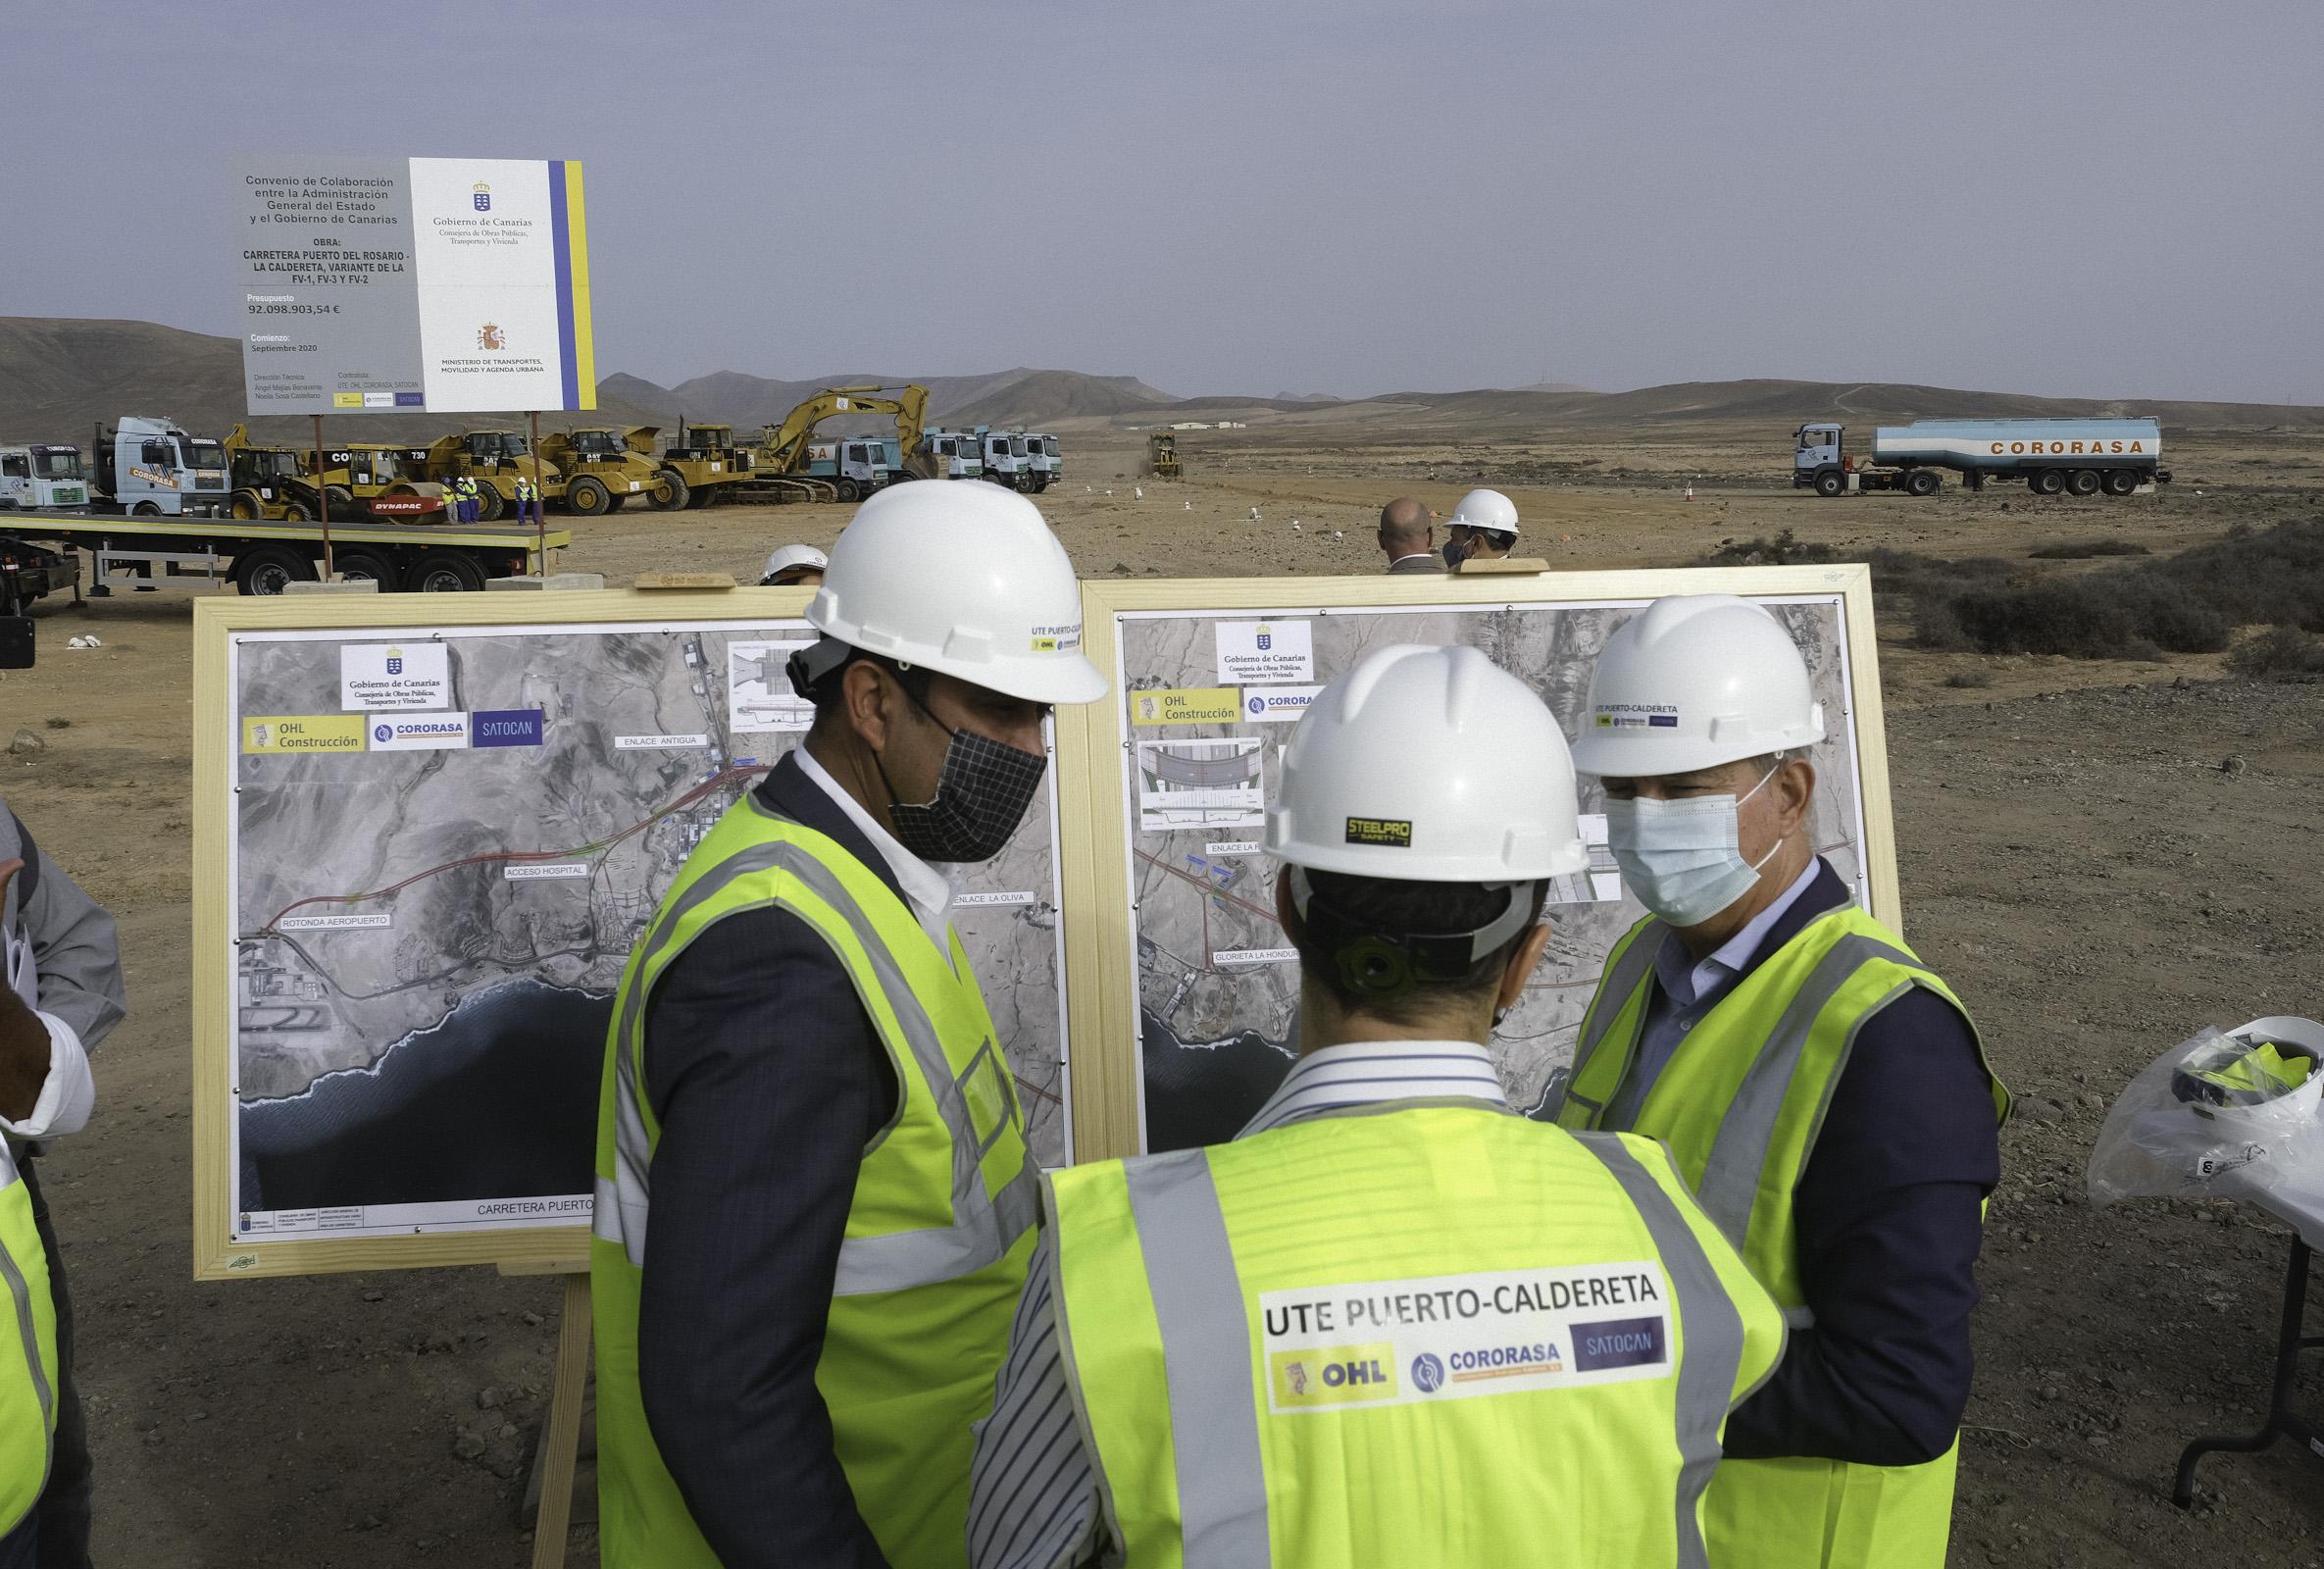 Obras Públicas pone en marcha las obras del nuevo tramo del Eje Norte-Sur de Fuerteventura